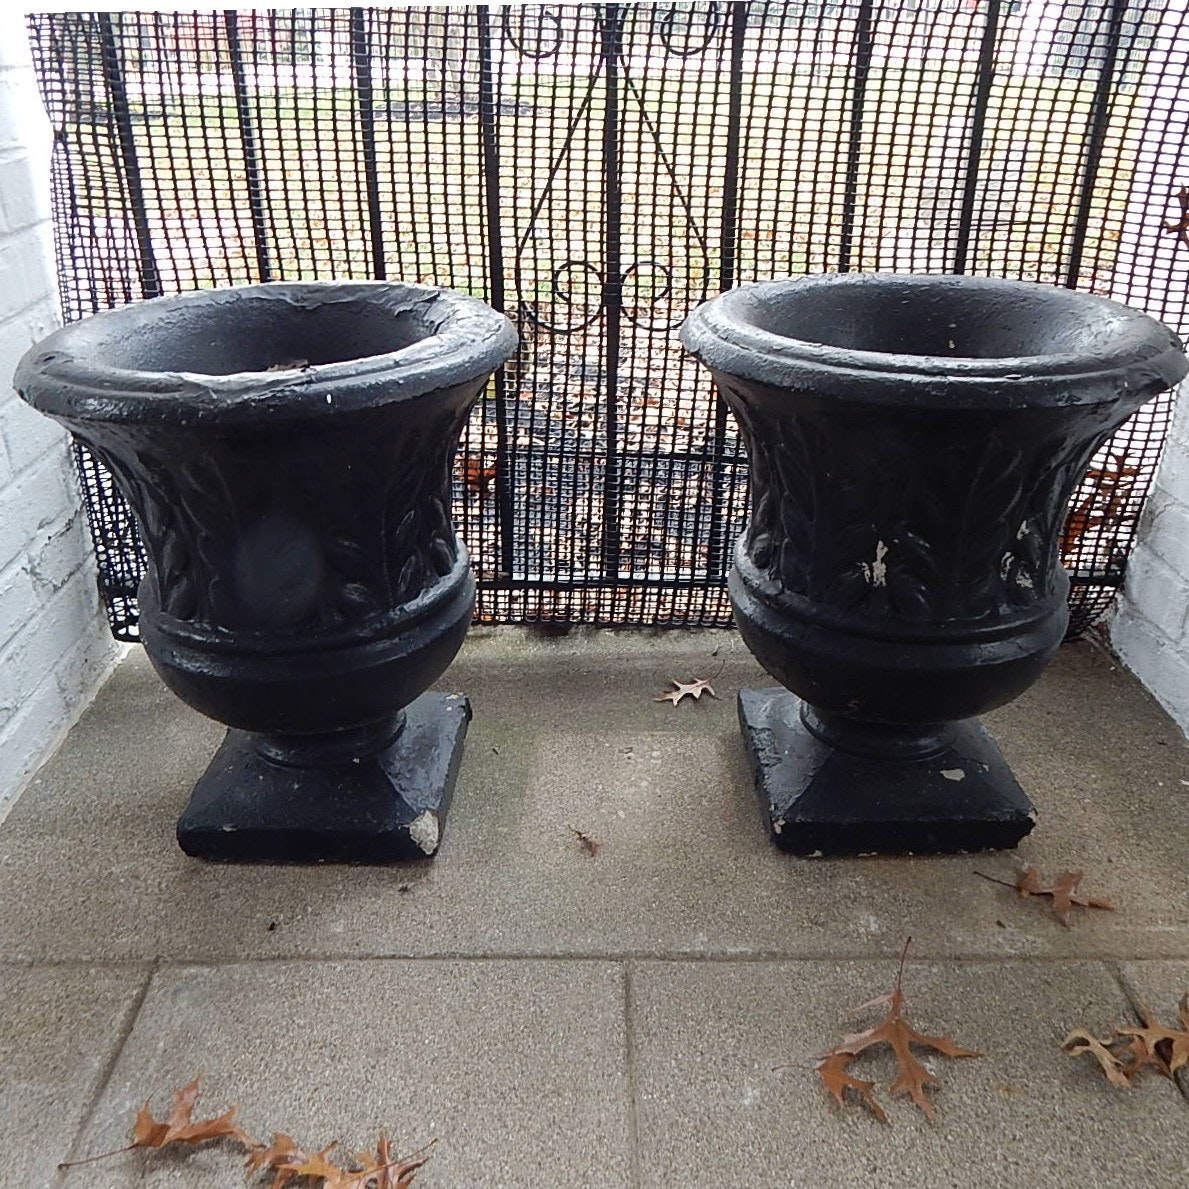 Two Black Painted Concrete Planters